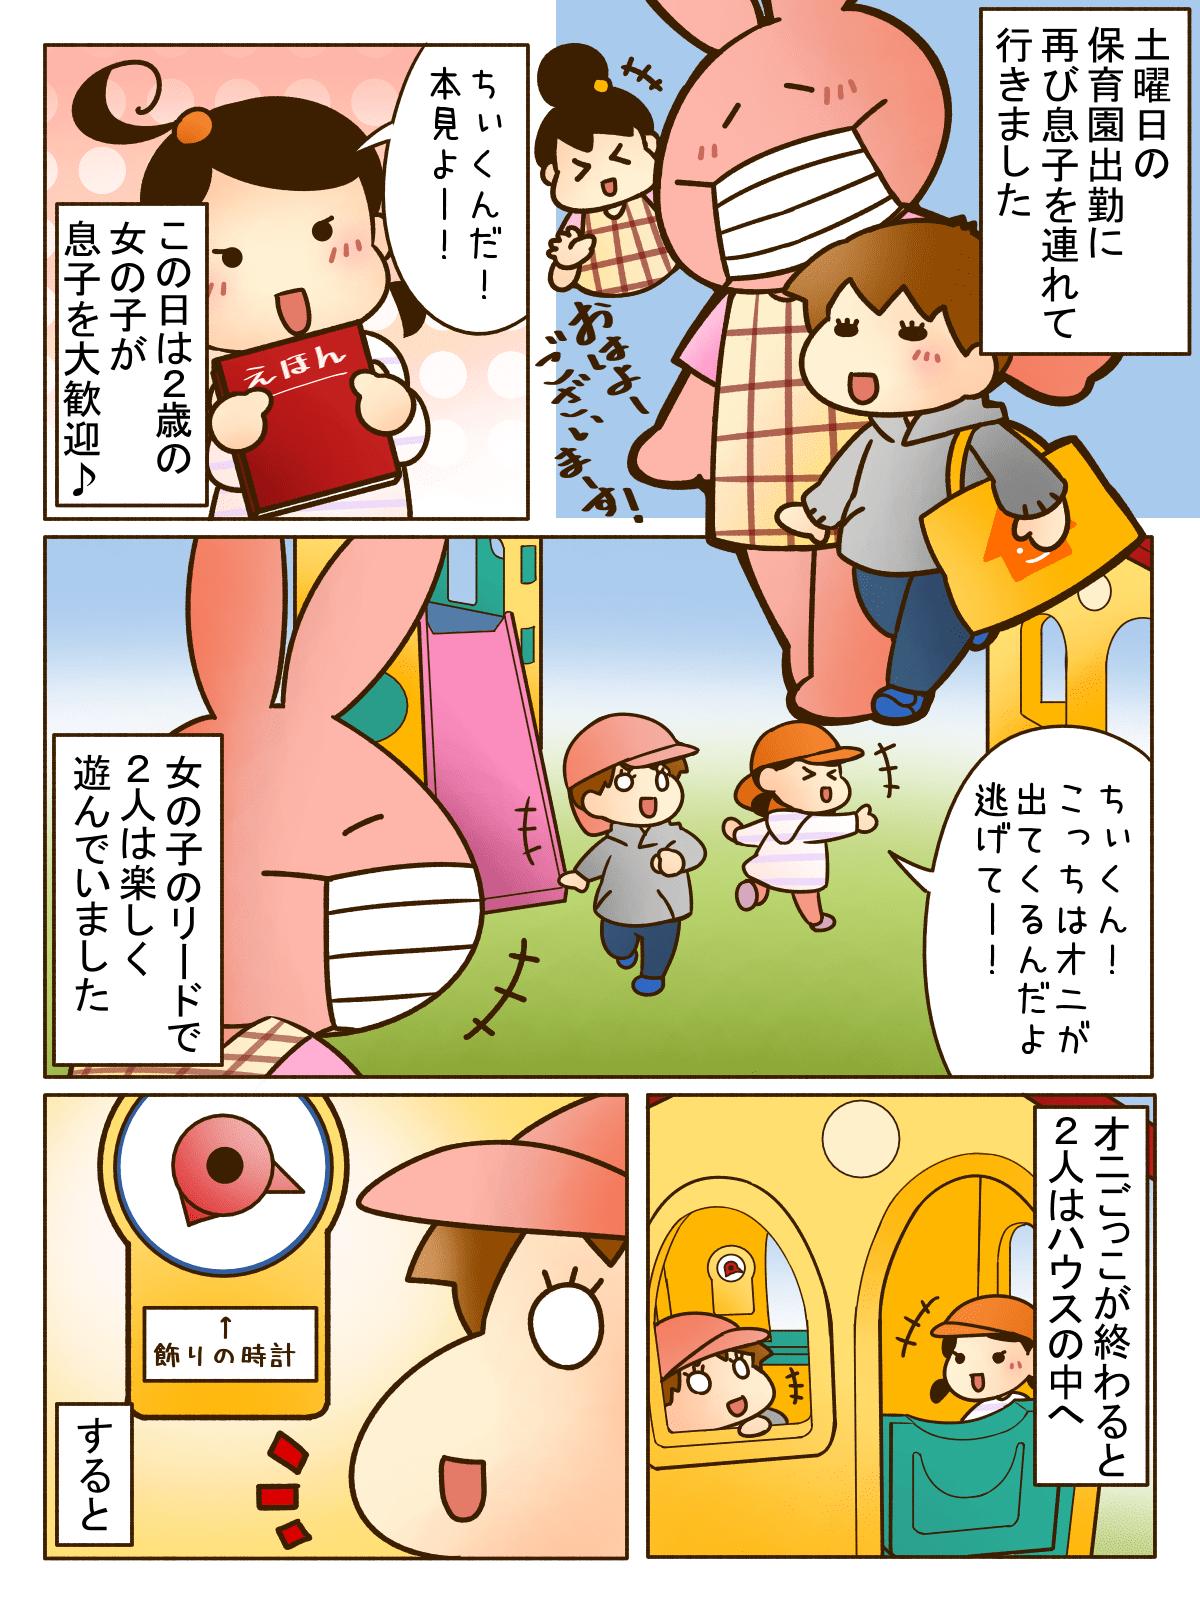 【完成版】348卒園した保育園へ遊びに行ってのお兄ちゃん体験。01